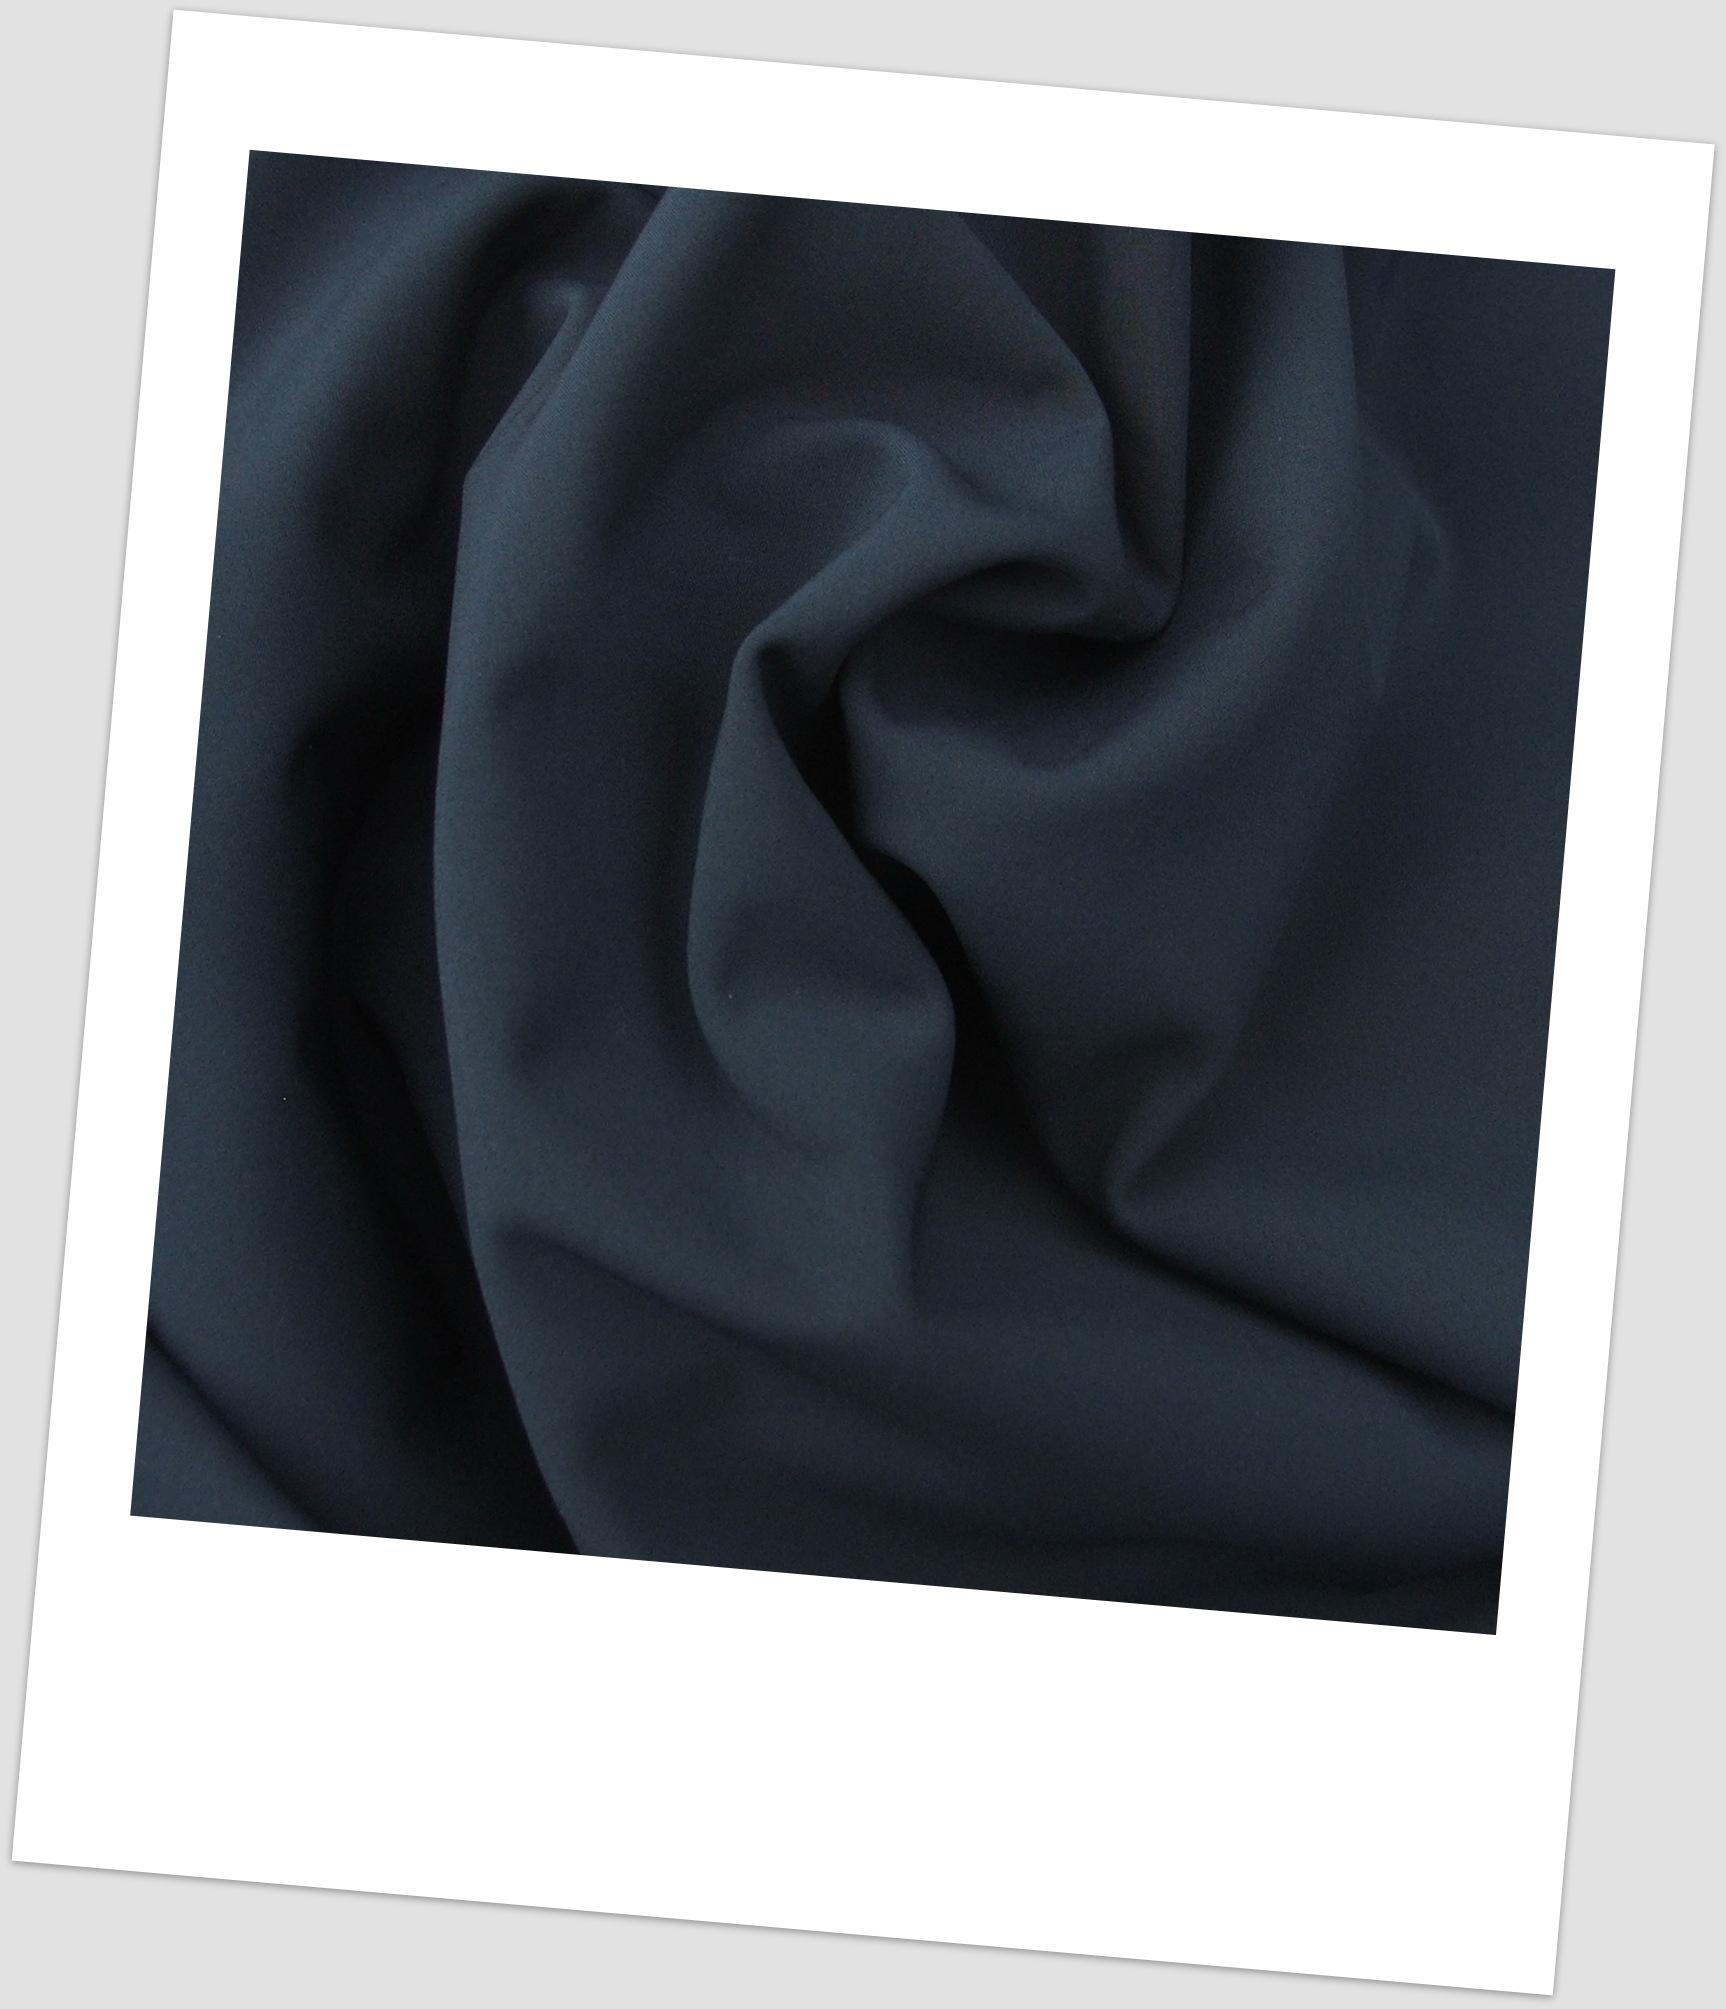 4a3a92248e7 Softshell 10 3z - TM.MODRÁ